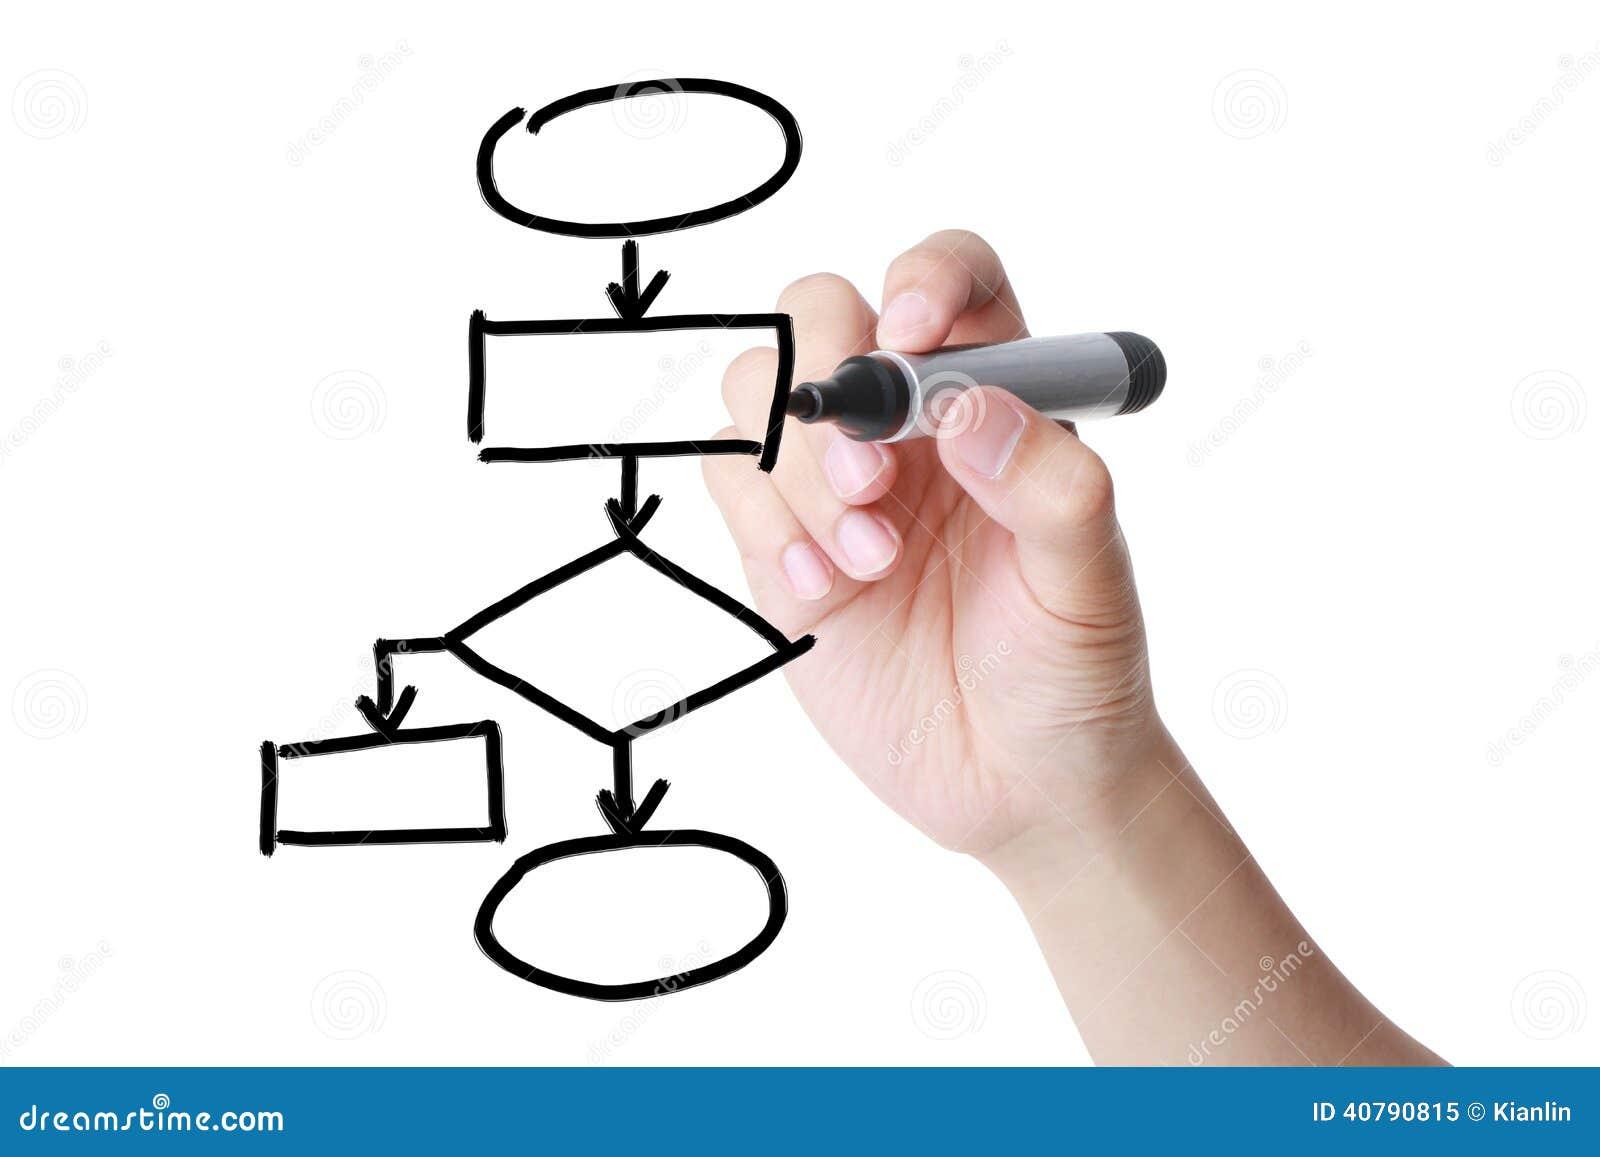 Рисовать схему технологического процесса